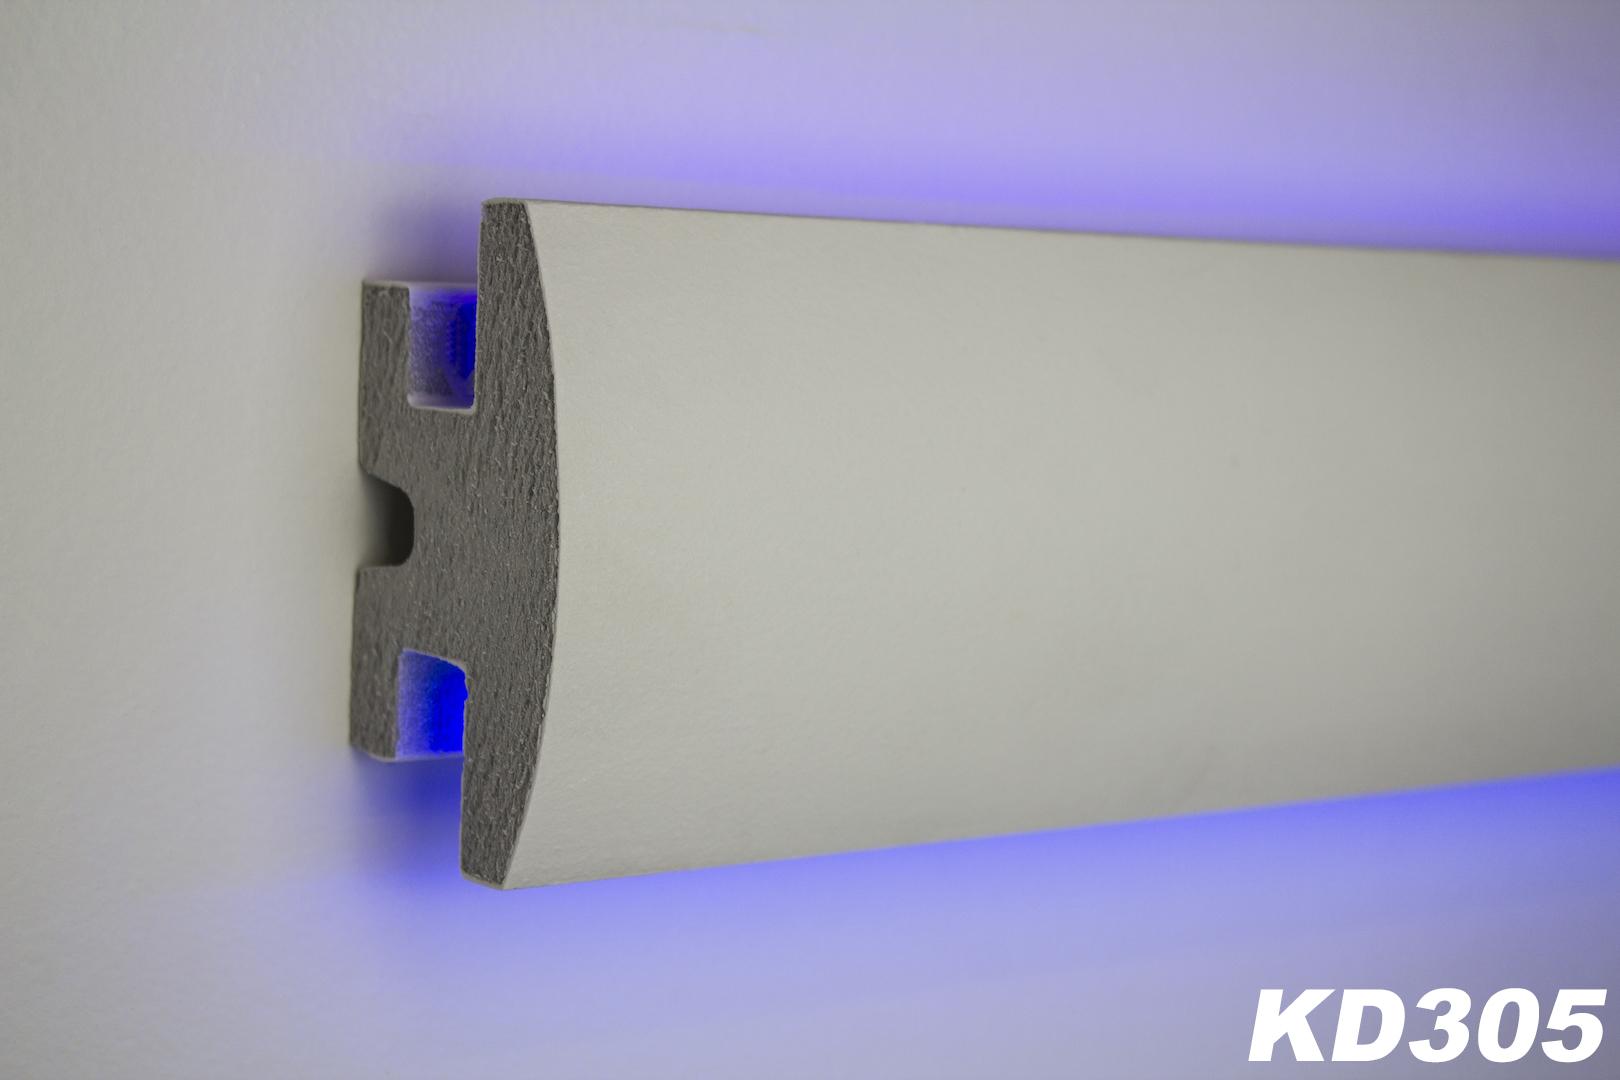 1 15 meter led stuckleiste f r indirekte beleuchtung xps 90x50 kd305 ebay. Black Bedroom Furniture Sets. Home Design Ideas